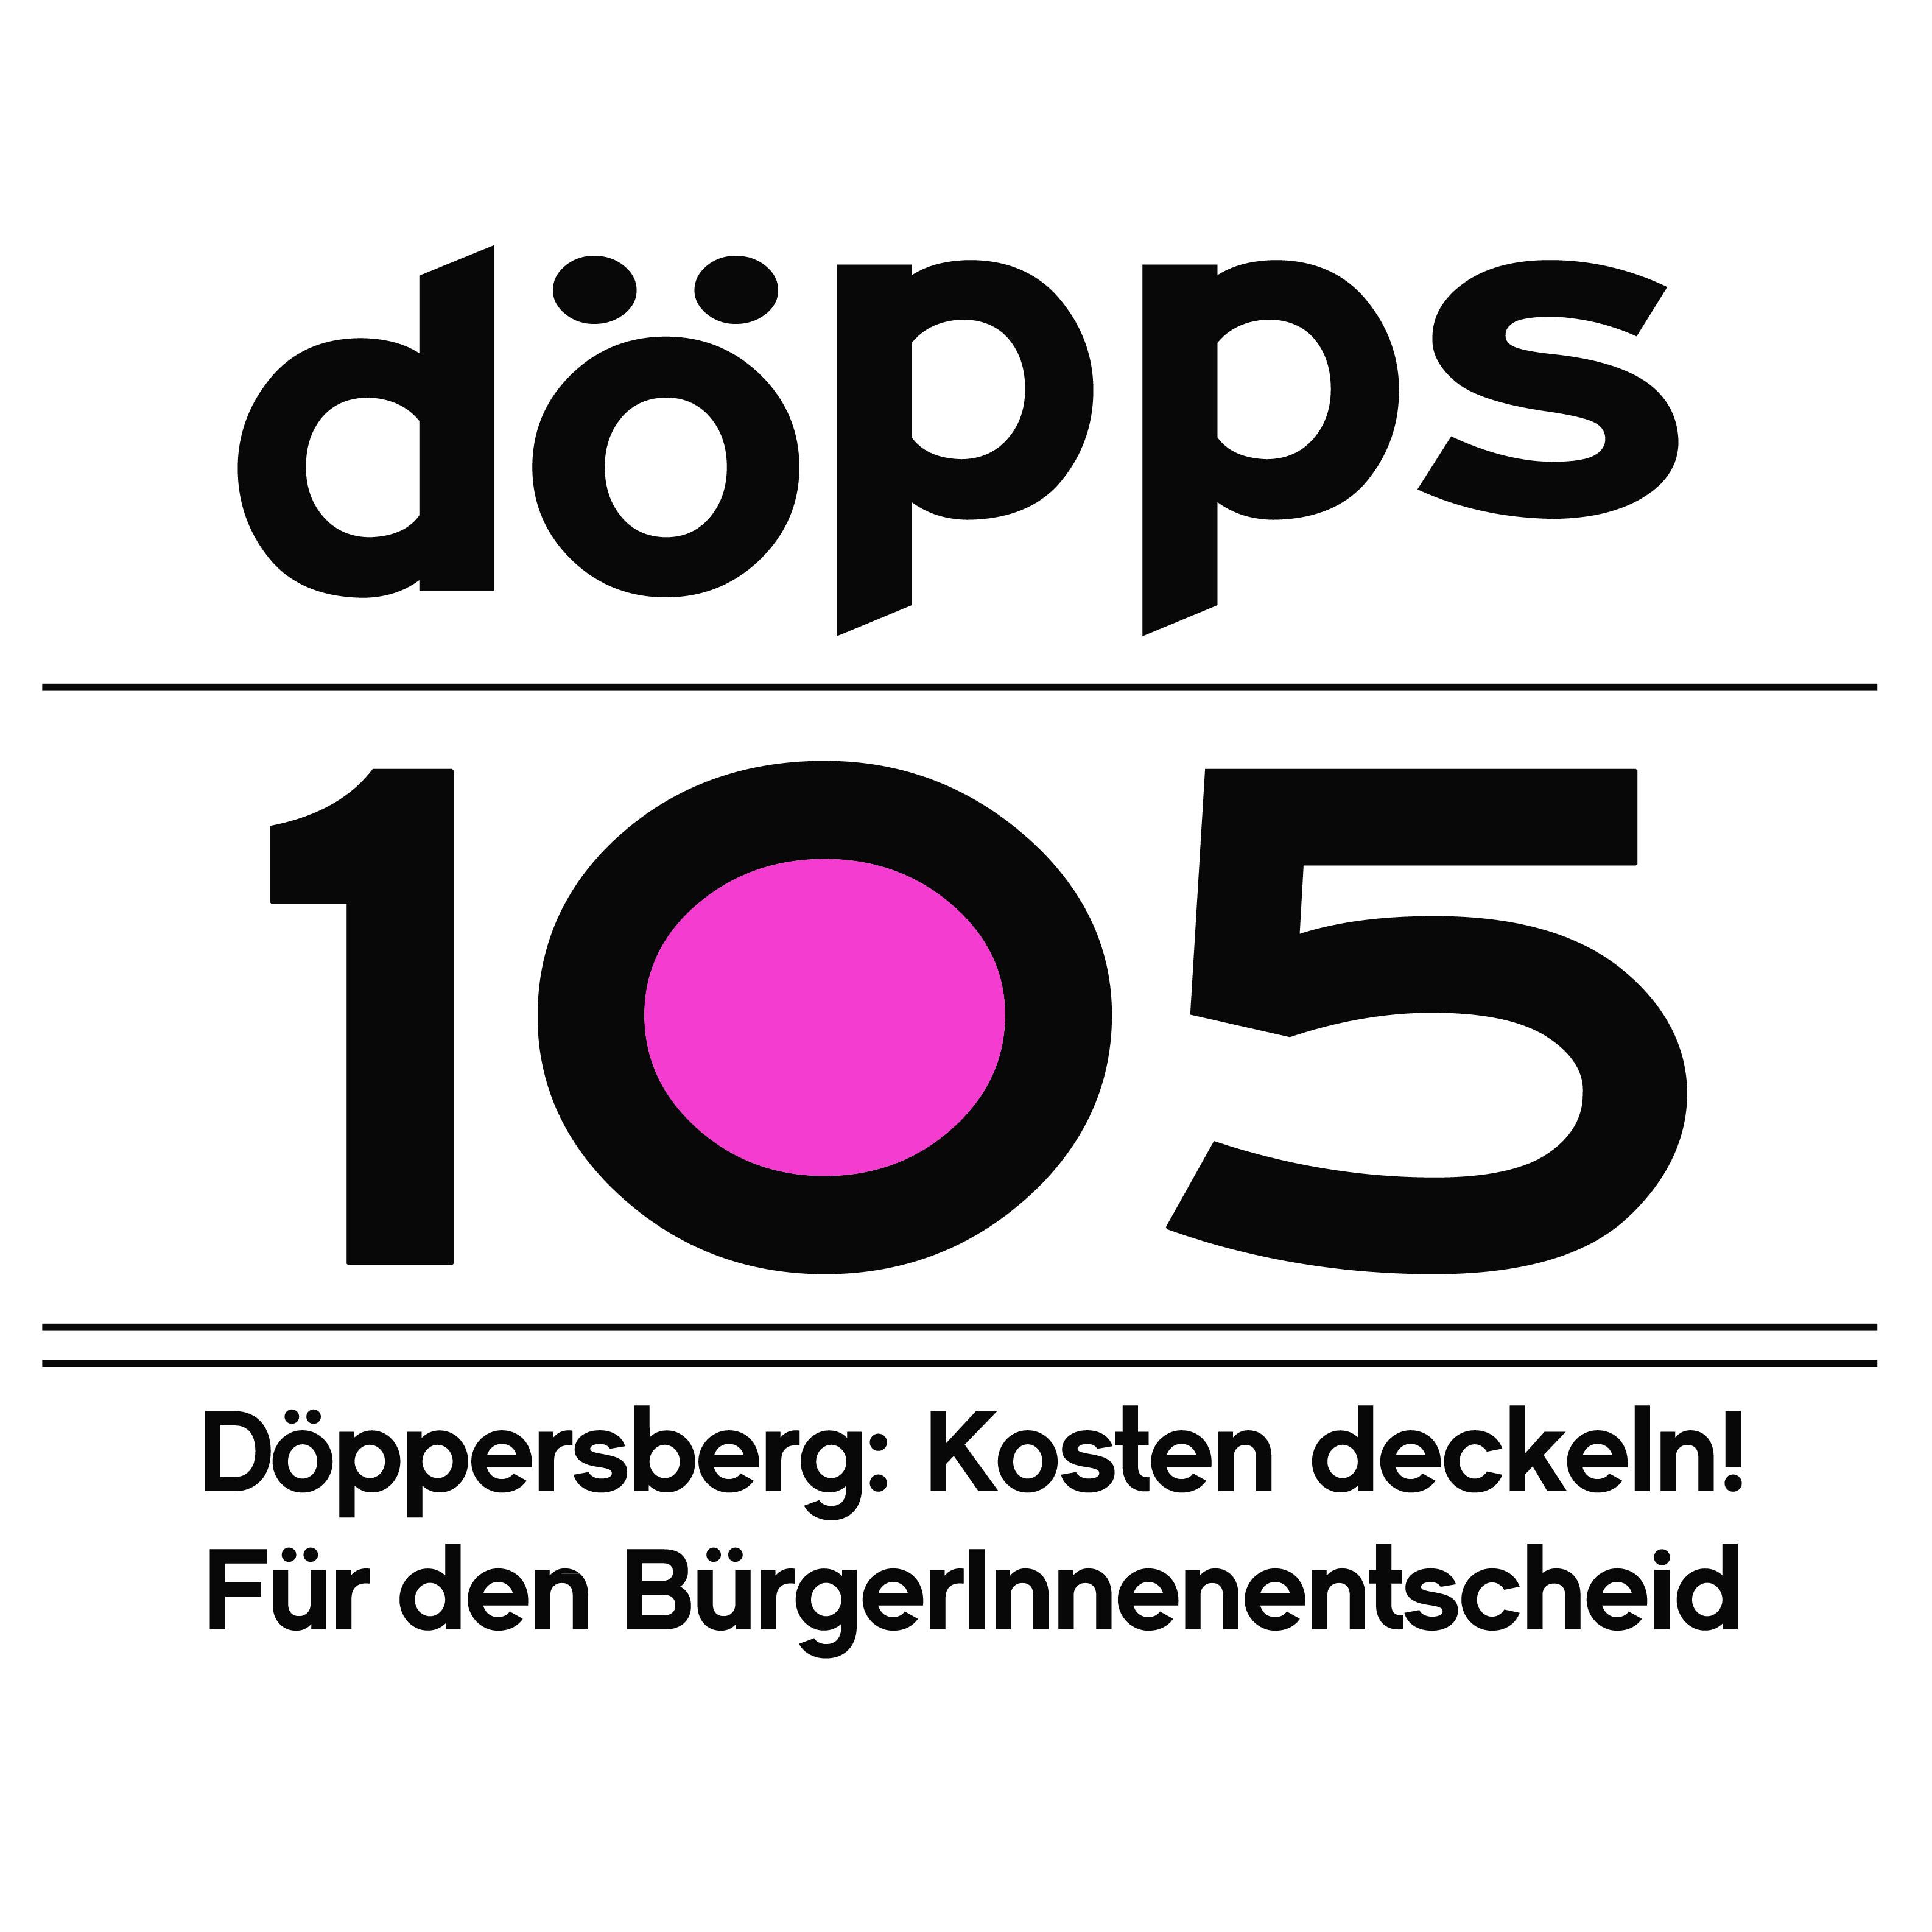 Döppersberg-Umbau - Ja, aber bezahlbar!